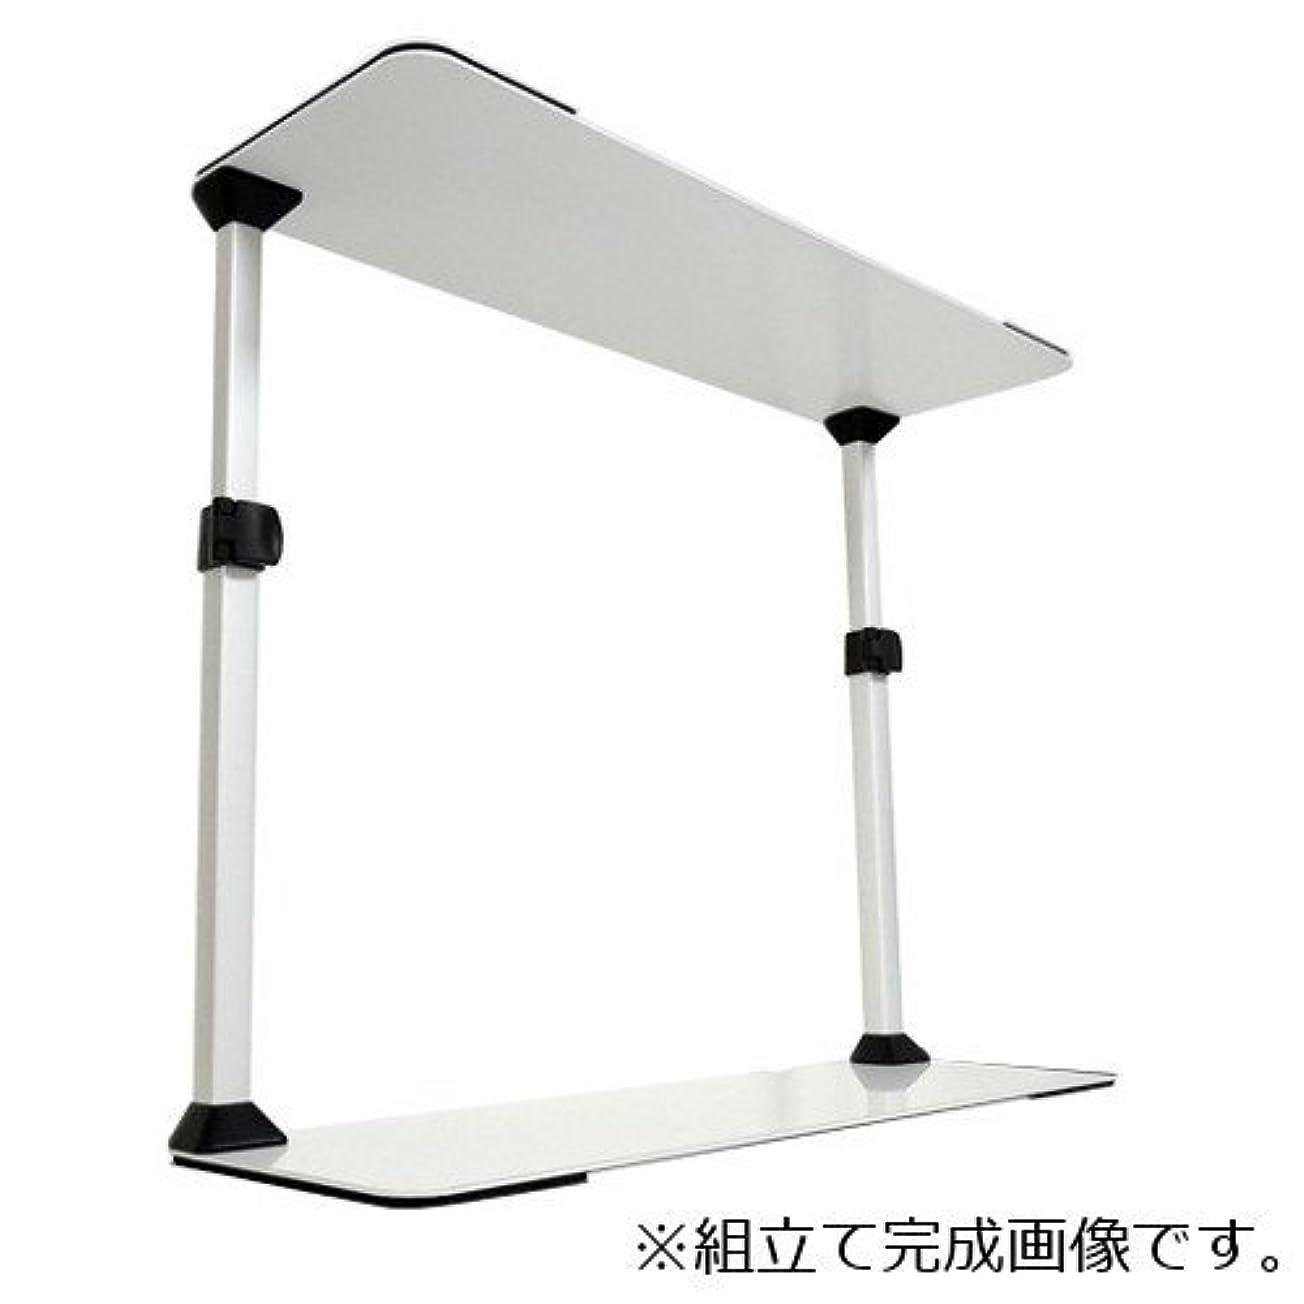 モルヒネエネルギー普遍的な家具転倒防止器具S QD02-S-M白 キューディフェンス ver.2 (M)